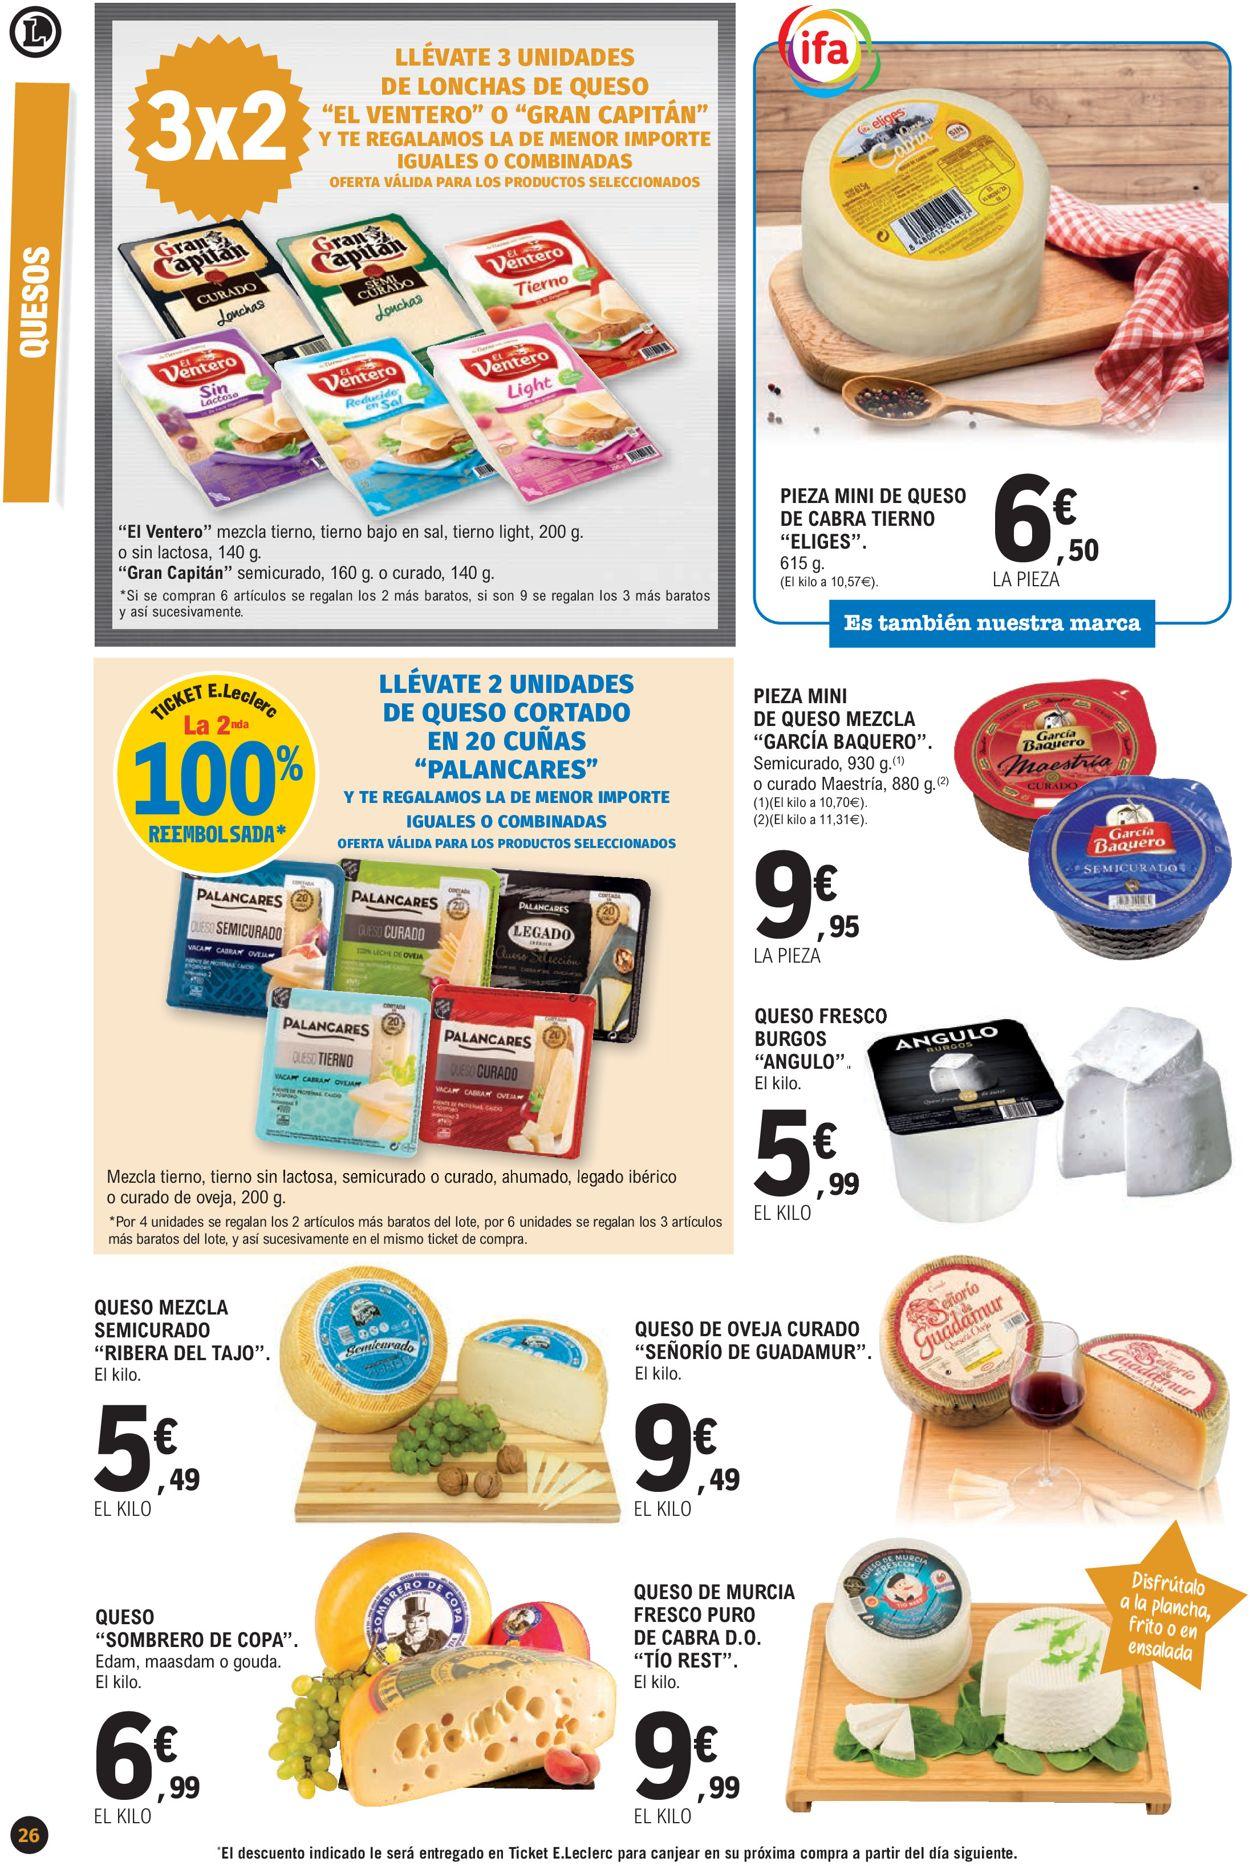 E.leclerc Súper Precios 2021 Folleto - 07.01-17.01.2021 (Página 26)